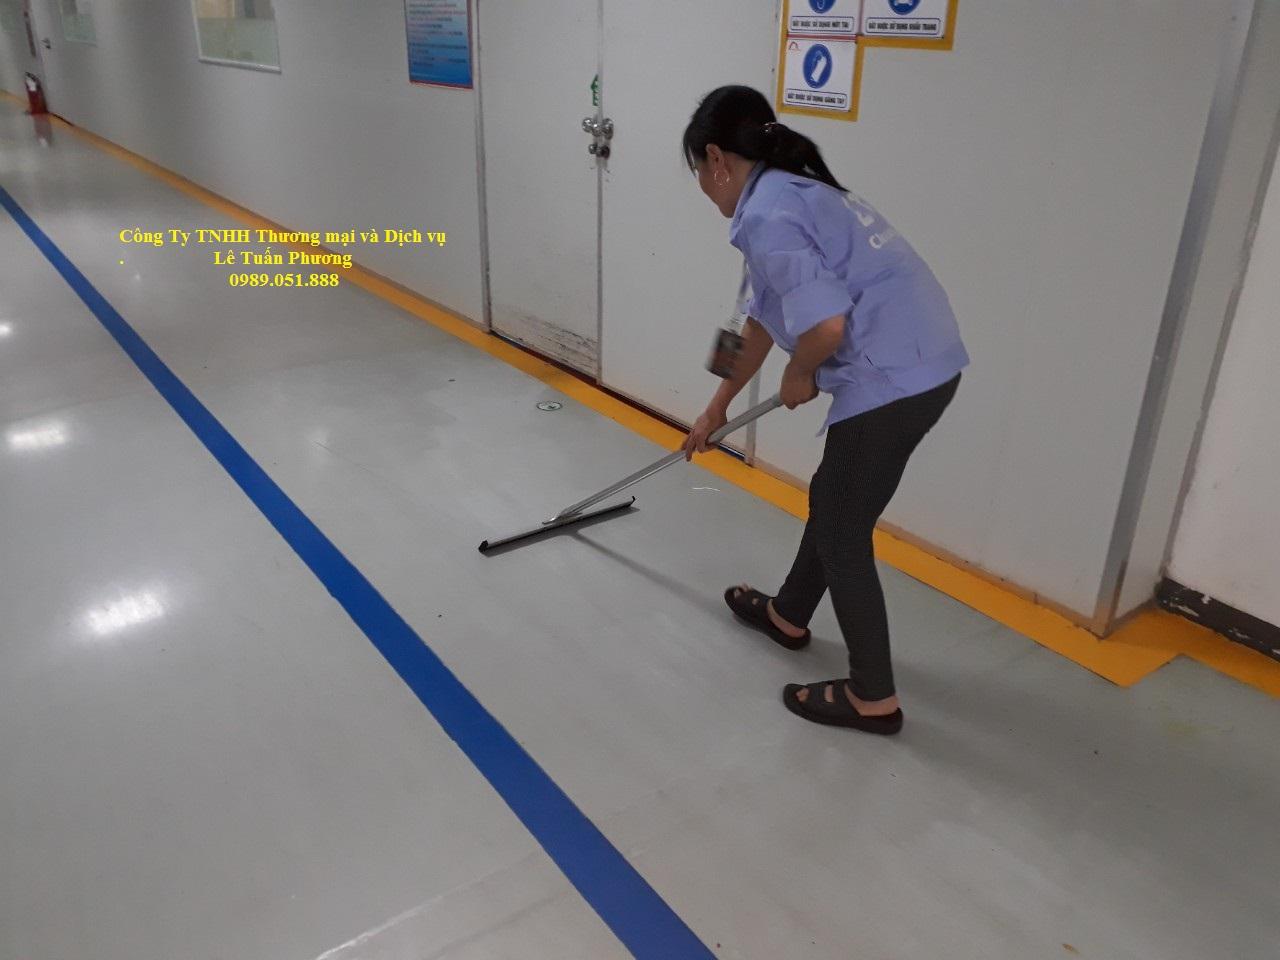 Vệ sinh công nghiệp Bắc Ninh - Bắc Giang